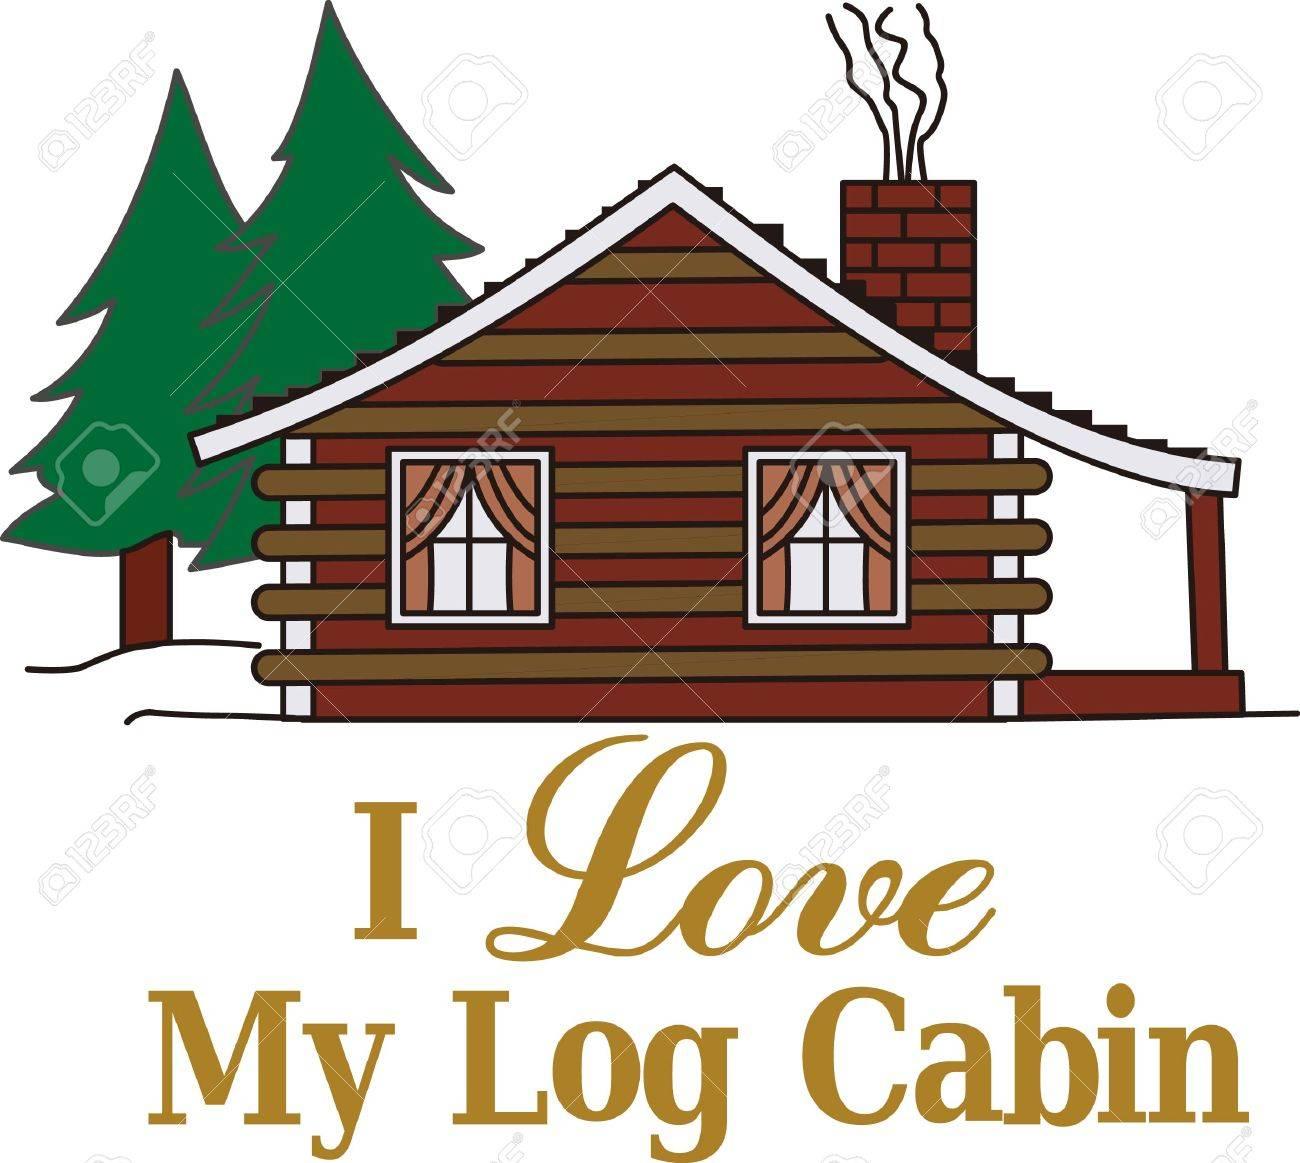 C È Una Casa Nel Bosco casa dolce casa è una capanna nel bosco. questo progetto porta il fascino  rustico di creazioni per il campeggio e le attività all'aria aperta.